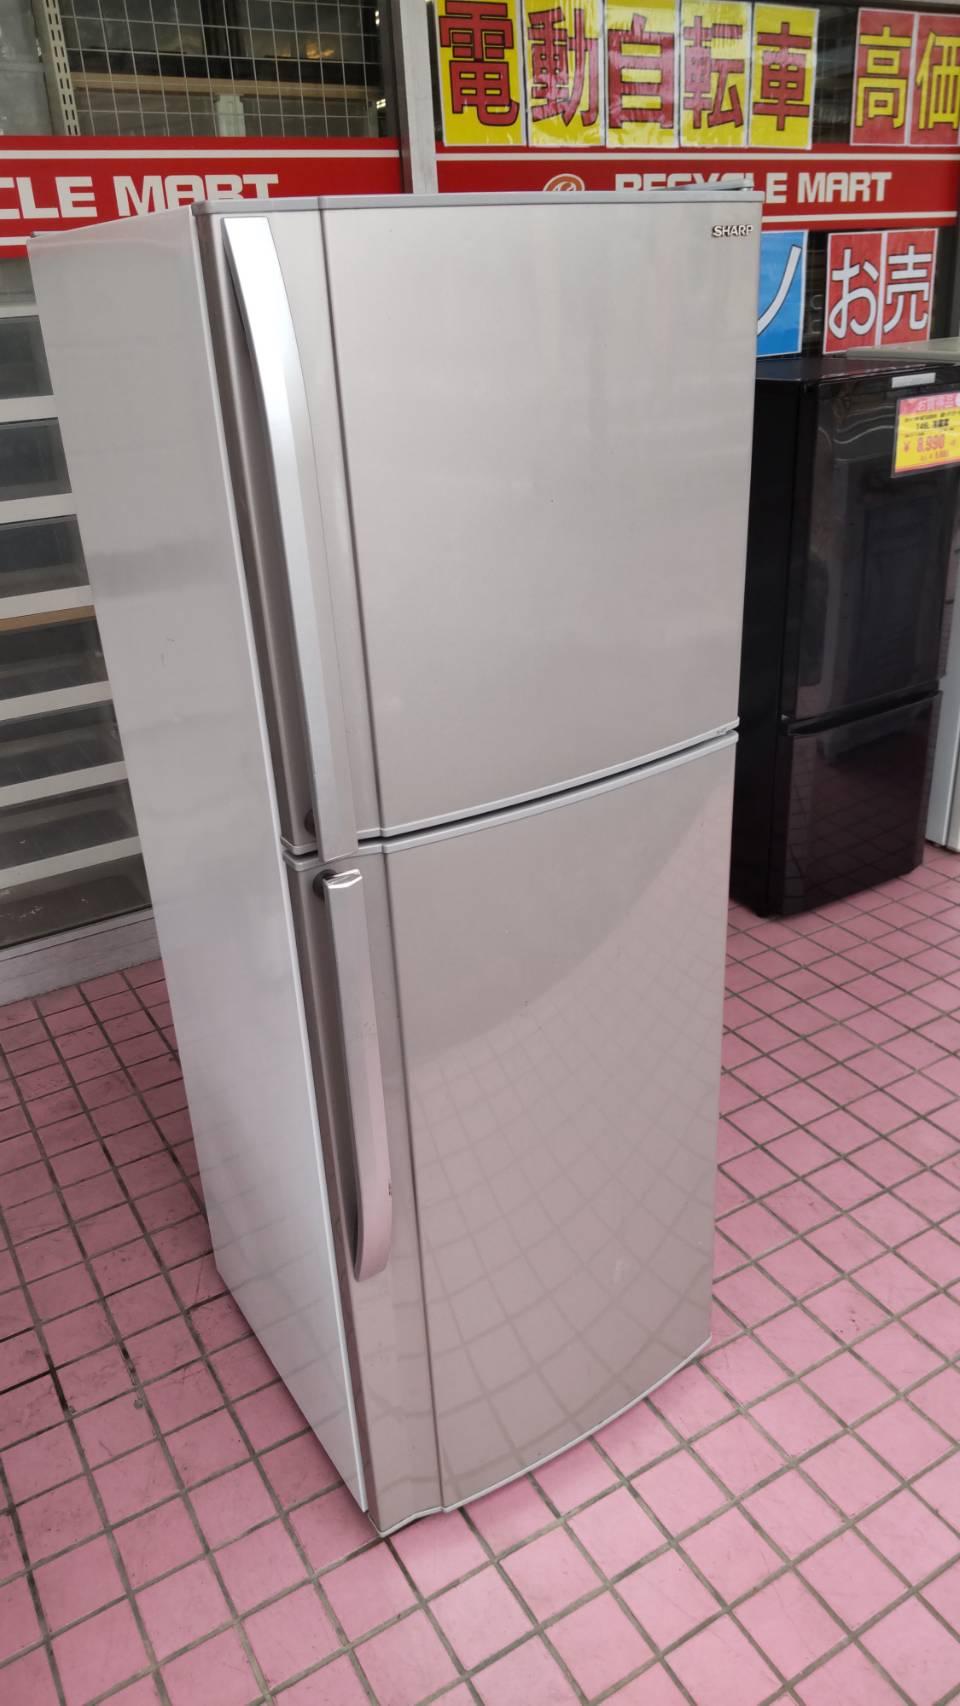 【⭐SHARP シャープ 冷蔵庫 228L 右開き シルバー系 SJ-23T-S ナノ低温脱臭触媒 ノンフロン⭐】を買取りさせて頂きました!福岡市 早良区 リサイクルショップ 冷蔵庫 販売も行っております👍😆の買取-